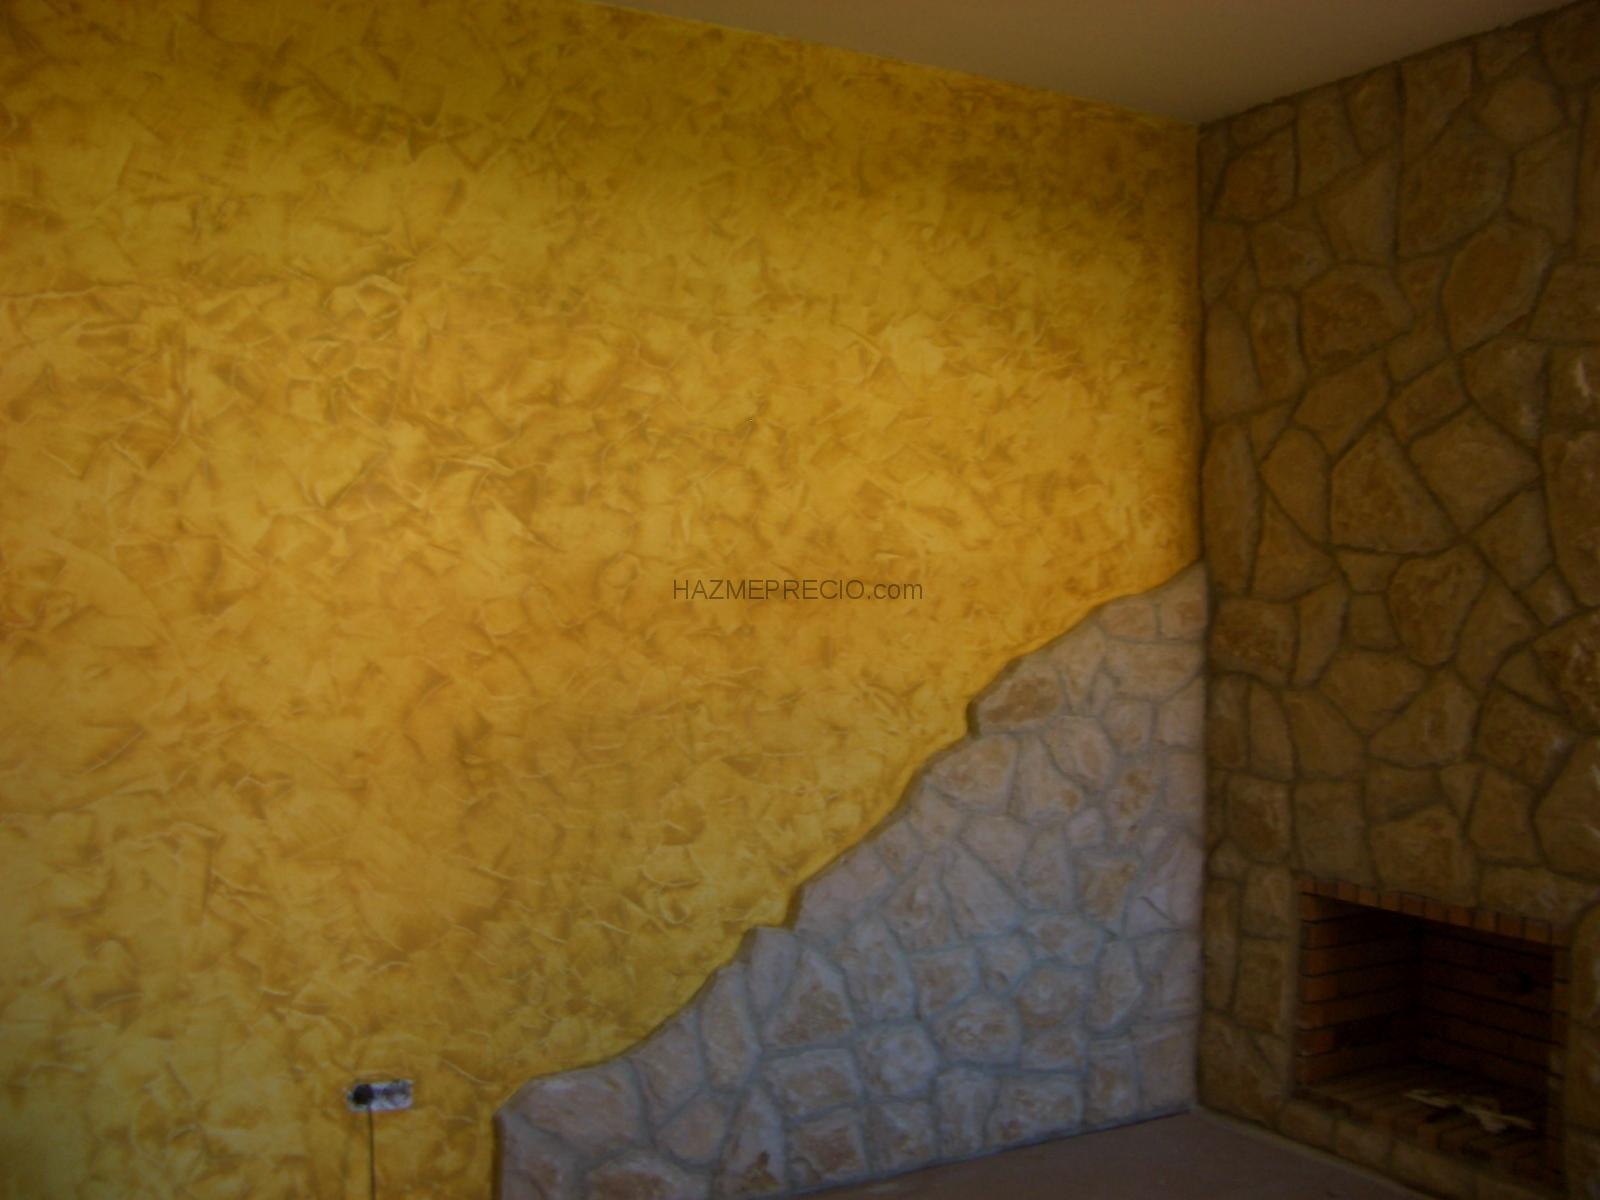 Presupuesto para impermeabilizaci n de tejado en - Precio pintura pared ...